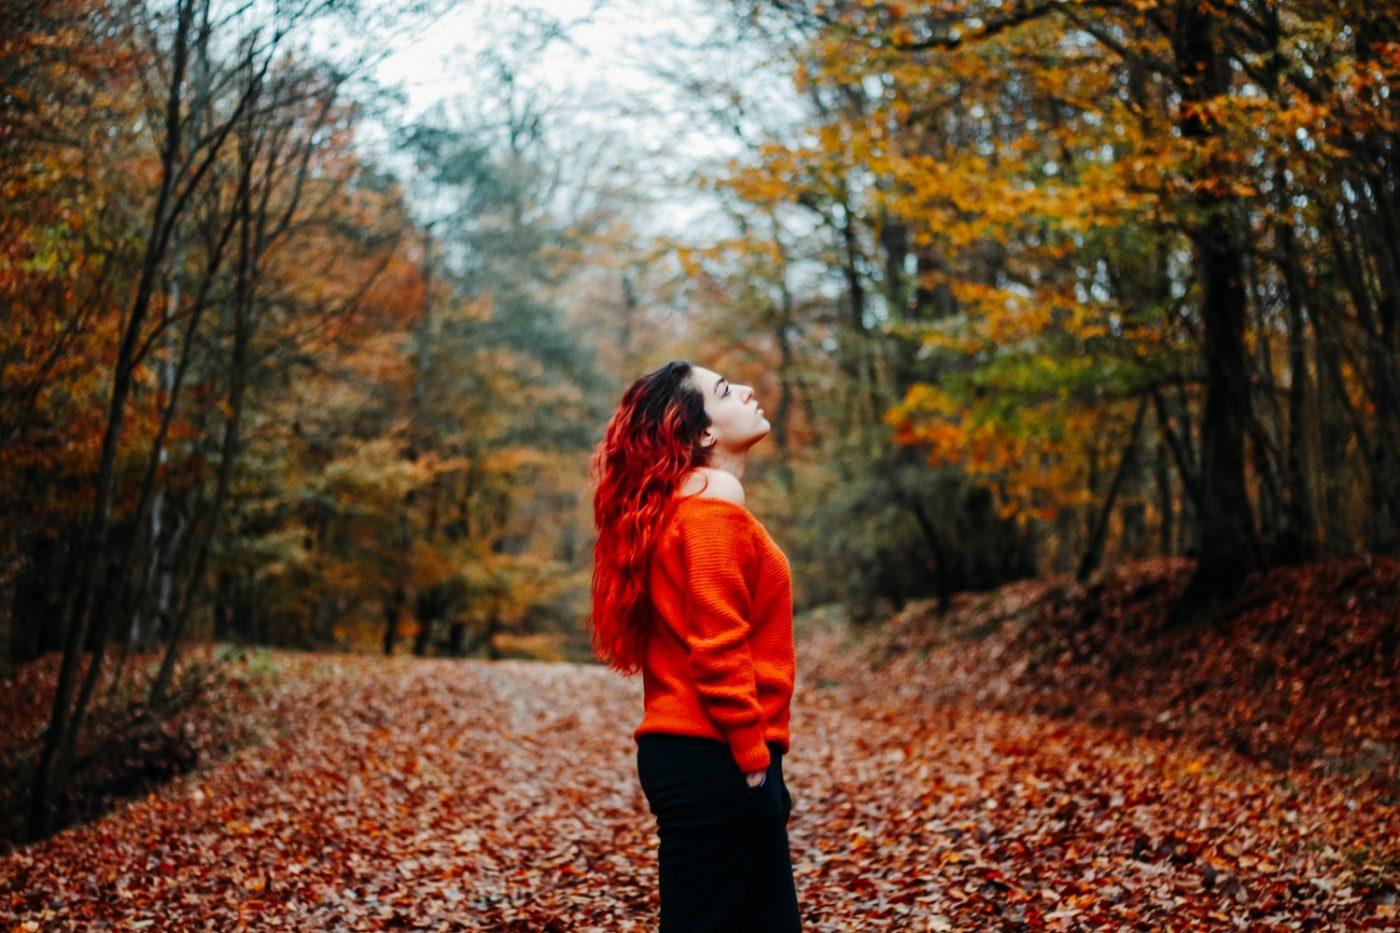 Oublier le passé pour trouver le bonheur